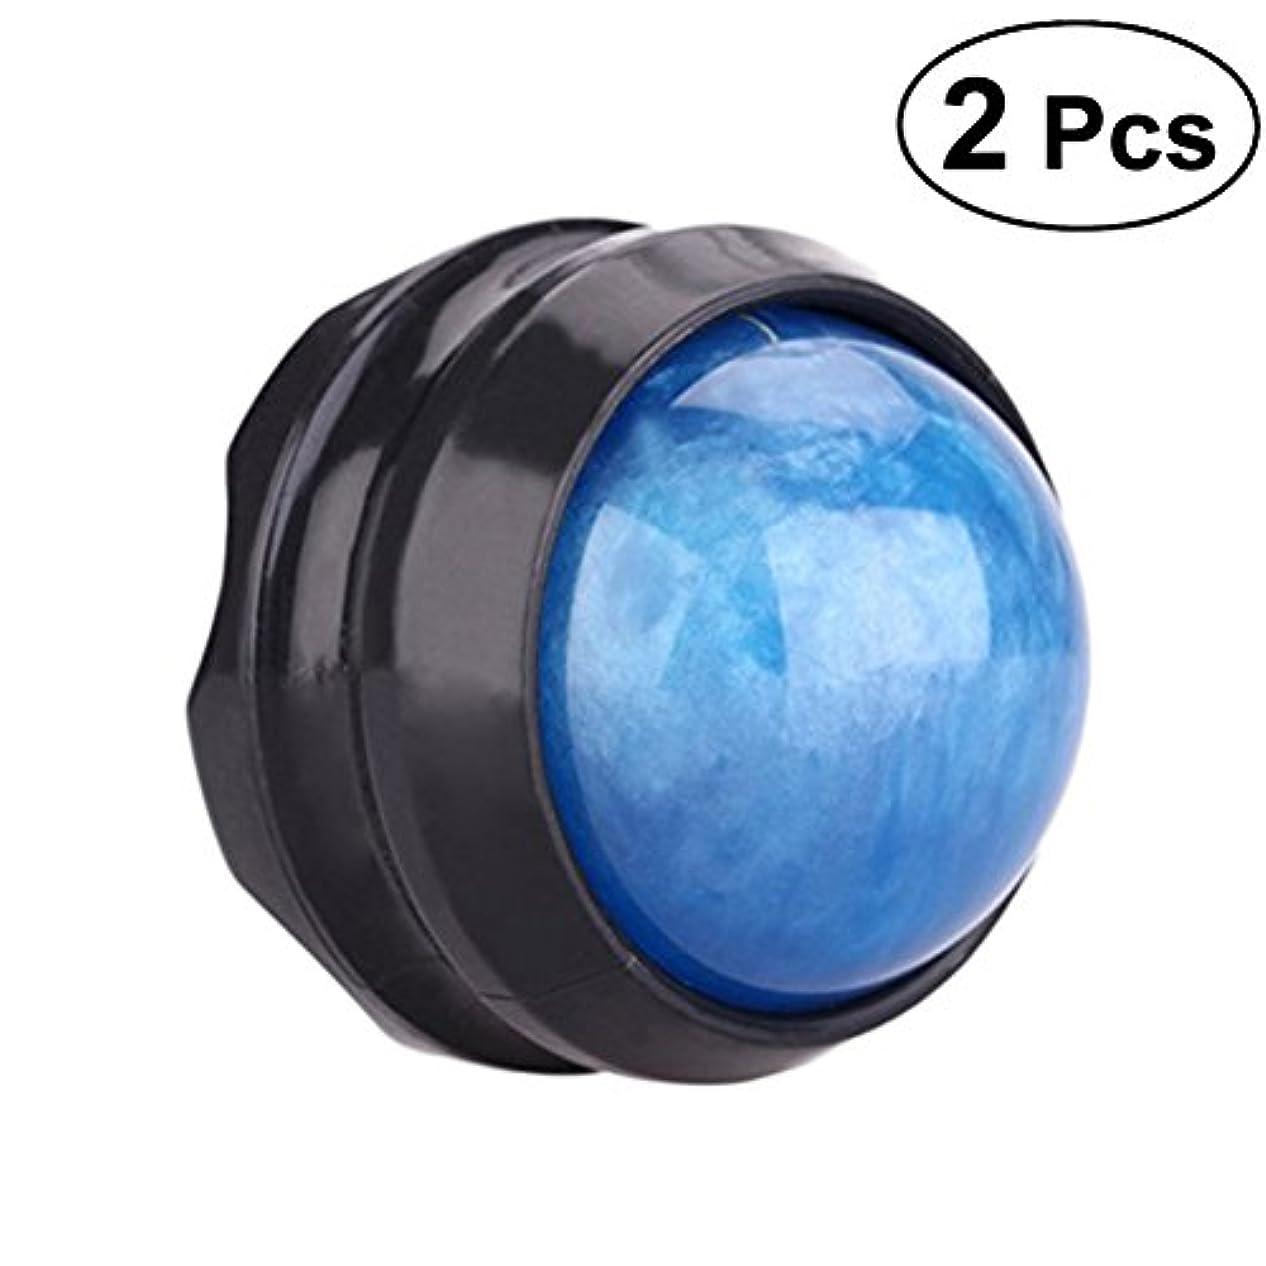 マスクラウンジ掃くHealifty マッサージ ボール リラックスボール ローラー  足 ほぐし 健康器具 血行促進 頭痛 浮腫み解消 疲労回復 360度回転 2個入(青)